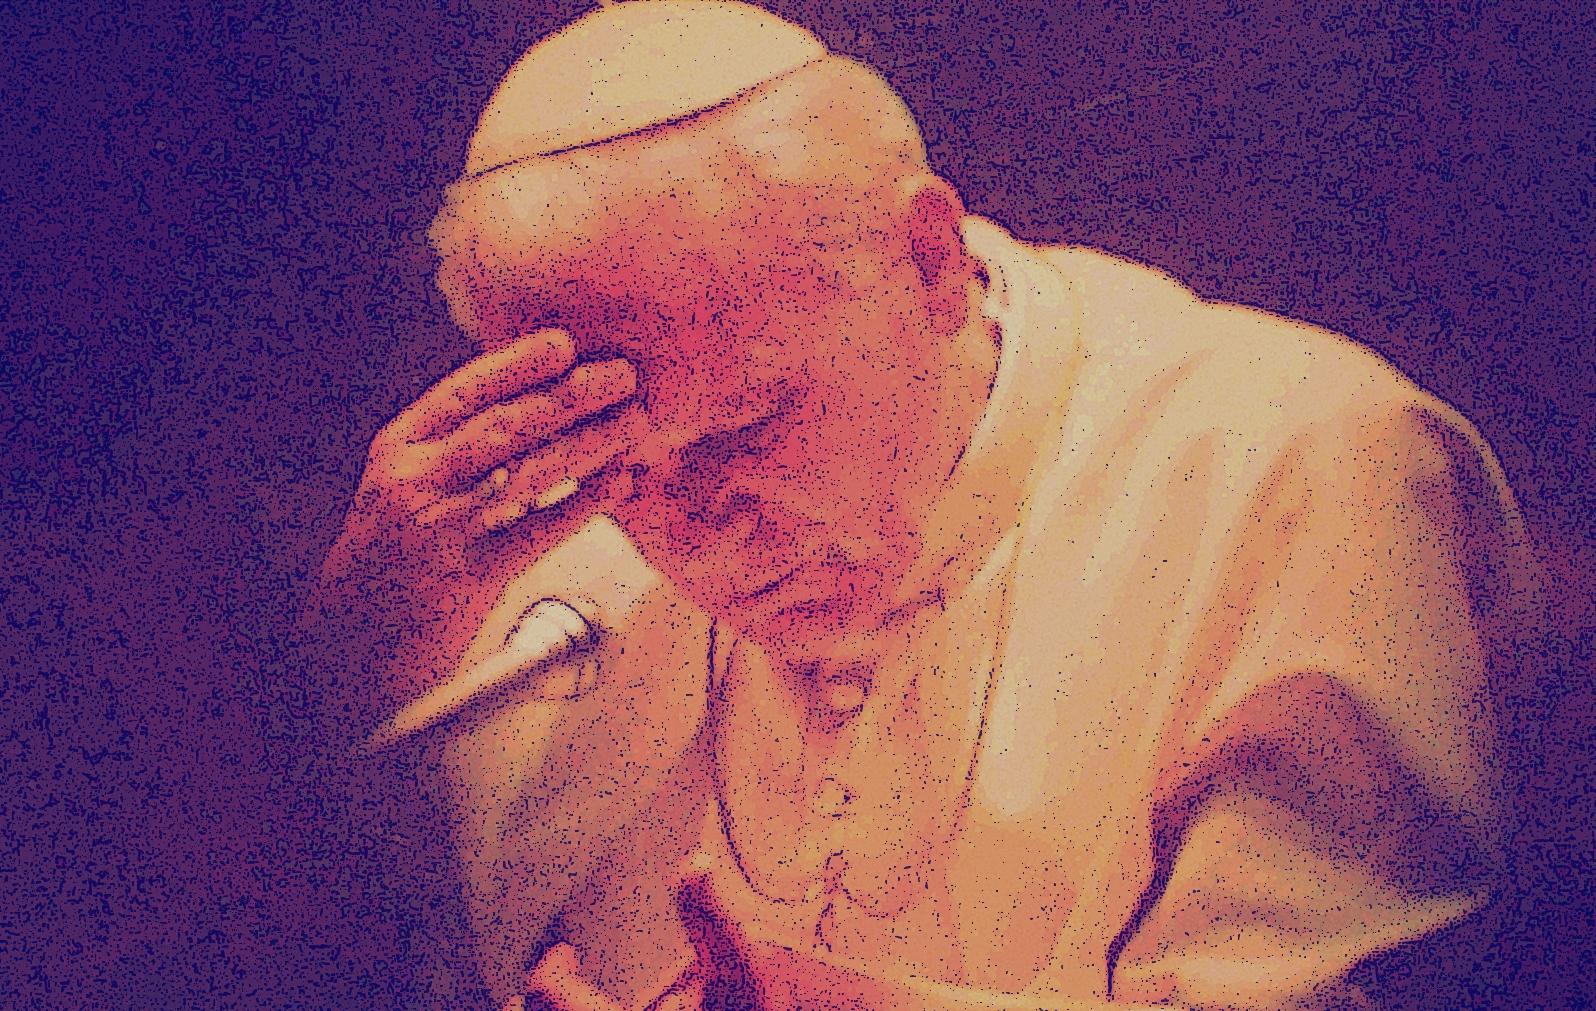 Mira Cómo se Cumple la Profecía de Juan Pablo II del Surgimiento de la Anti Iglesia